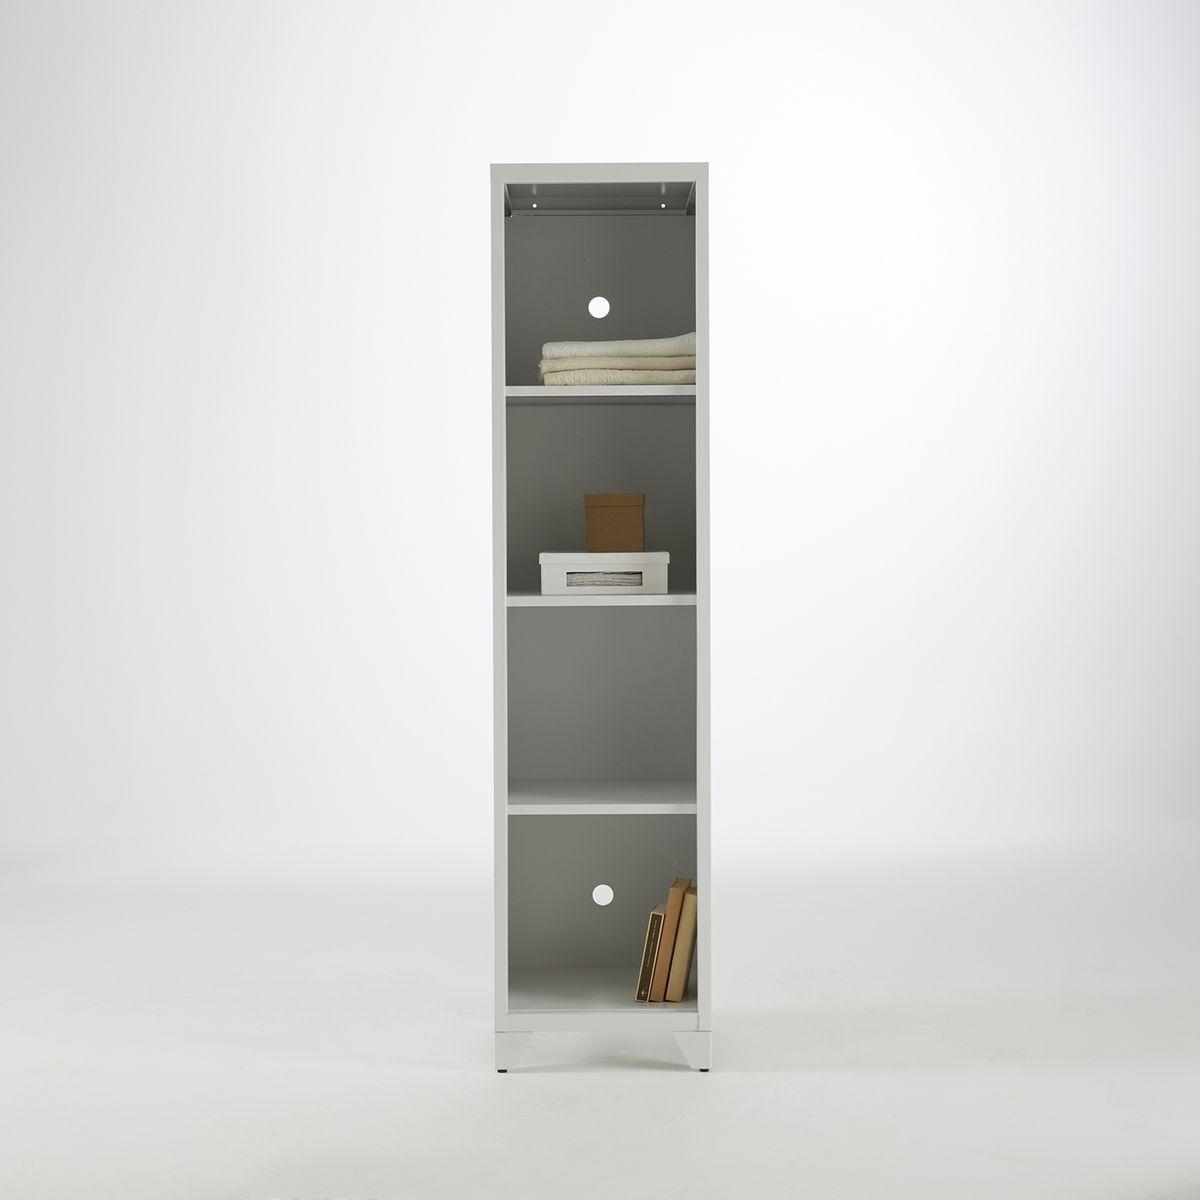 Bureau la redoute tritoo for Bureau colonne